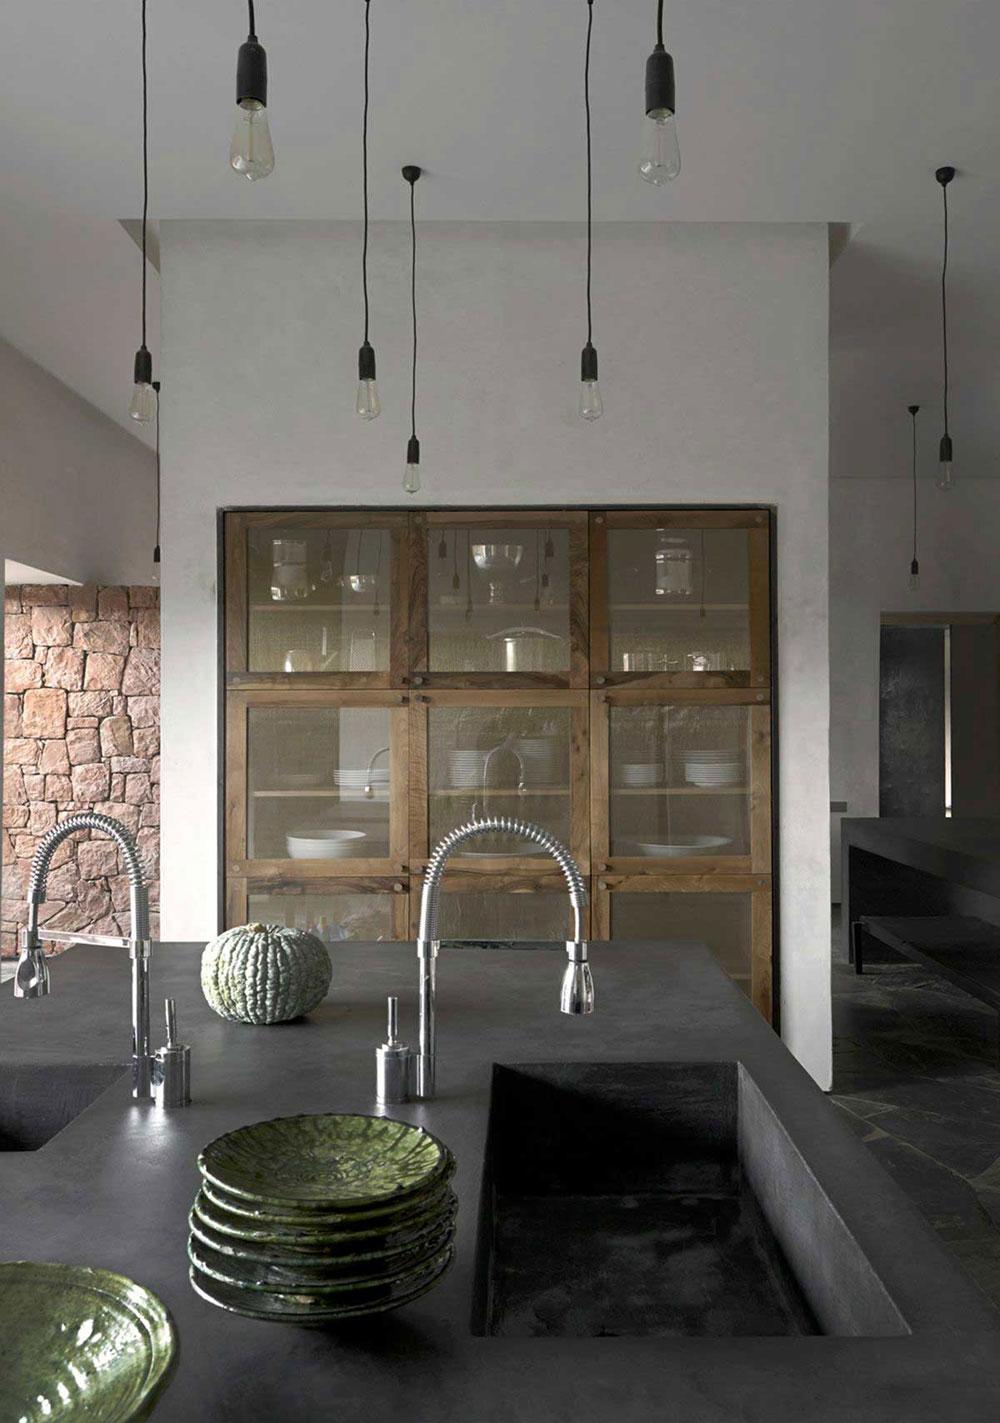 Moroccan, Home, Interior, Industrial, Minimal Inspiration, Bathroom, Black, Oracle Fox